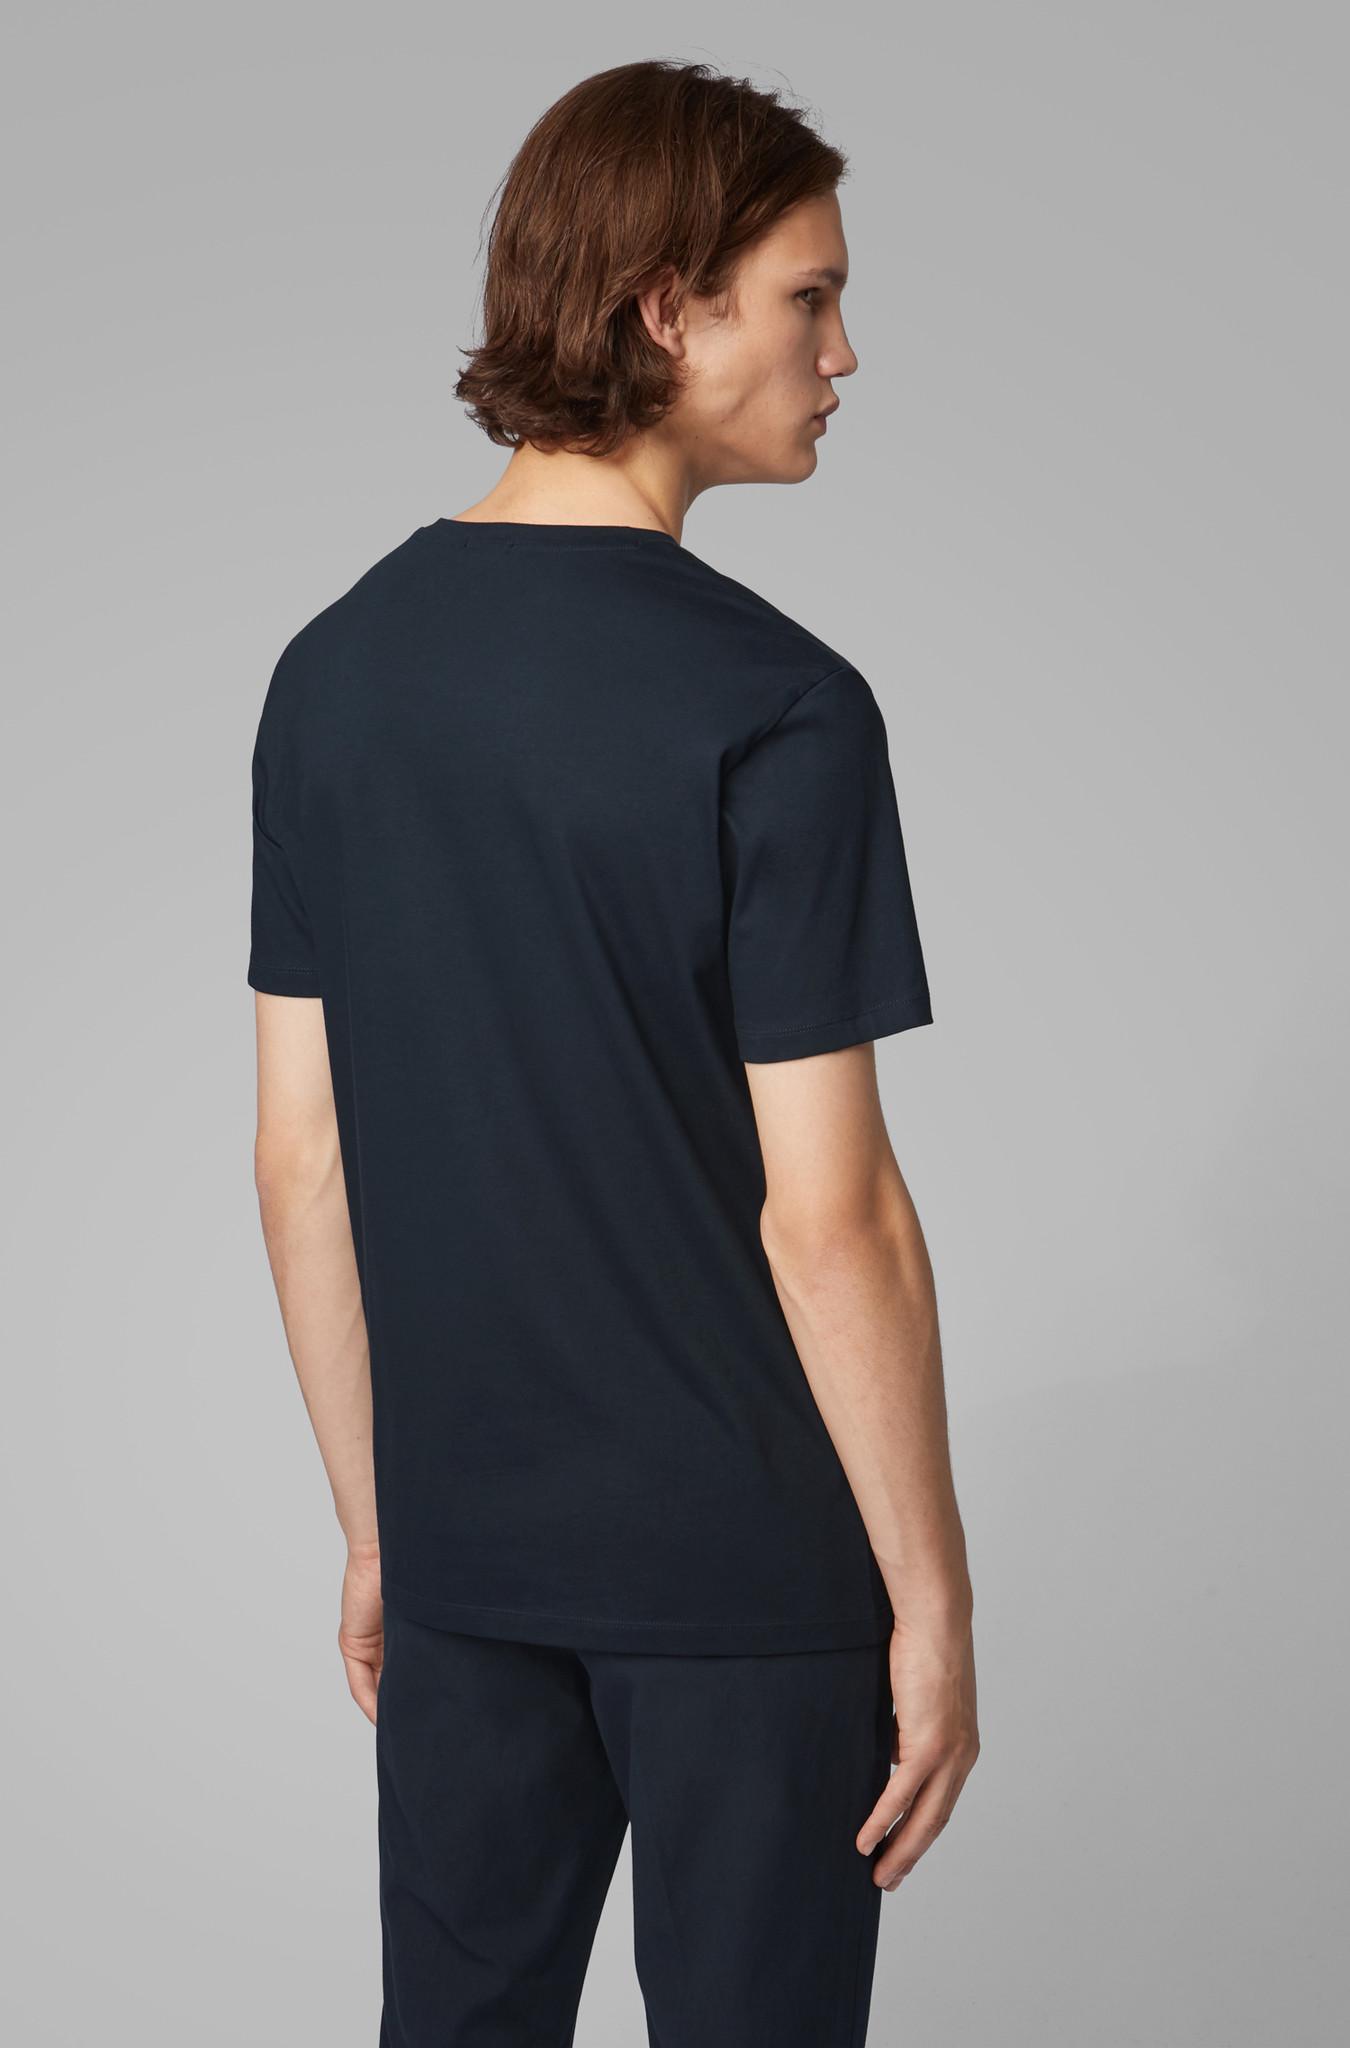 Hugo Boss T-shirt Hugo Boss 50385281-402